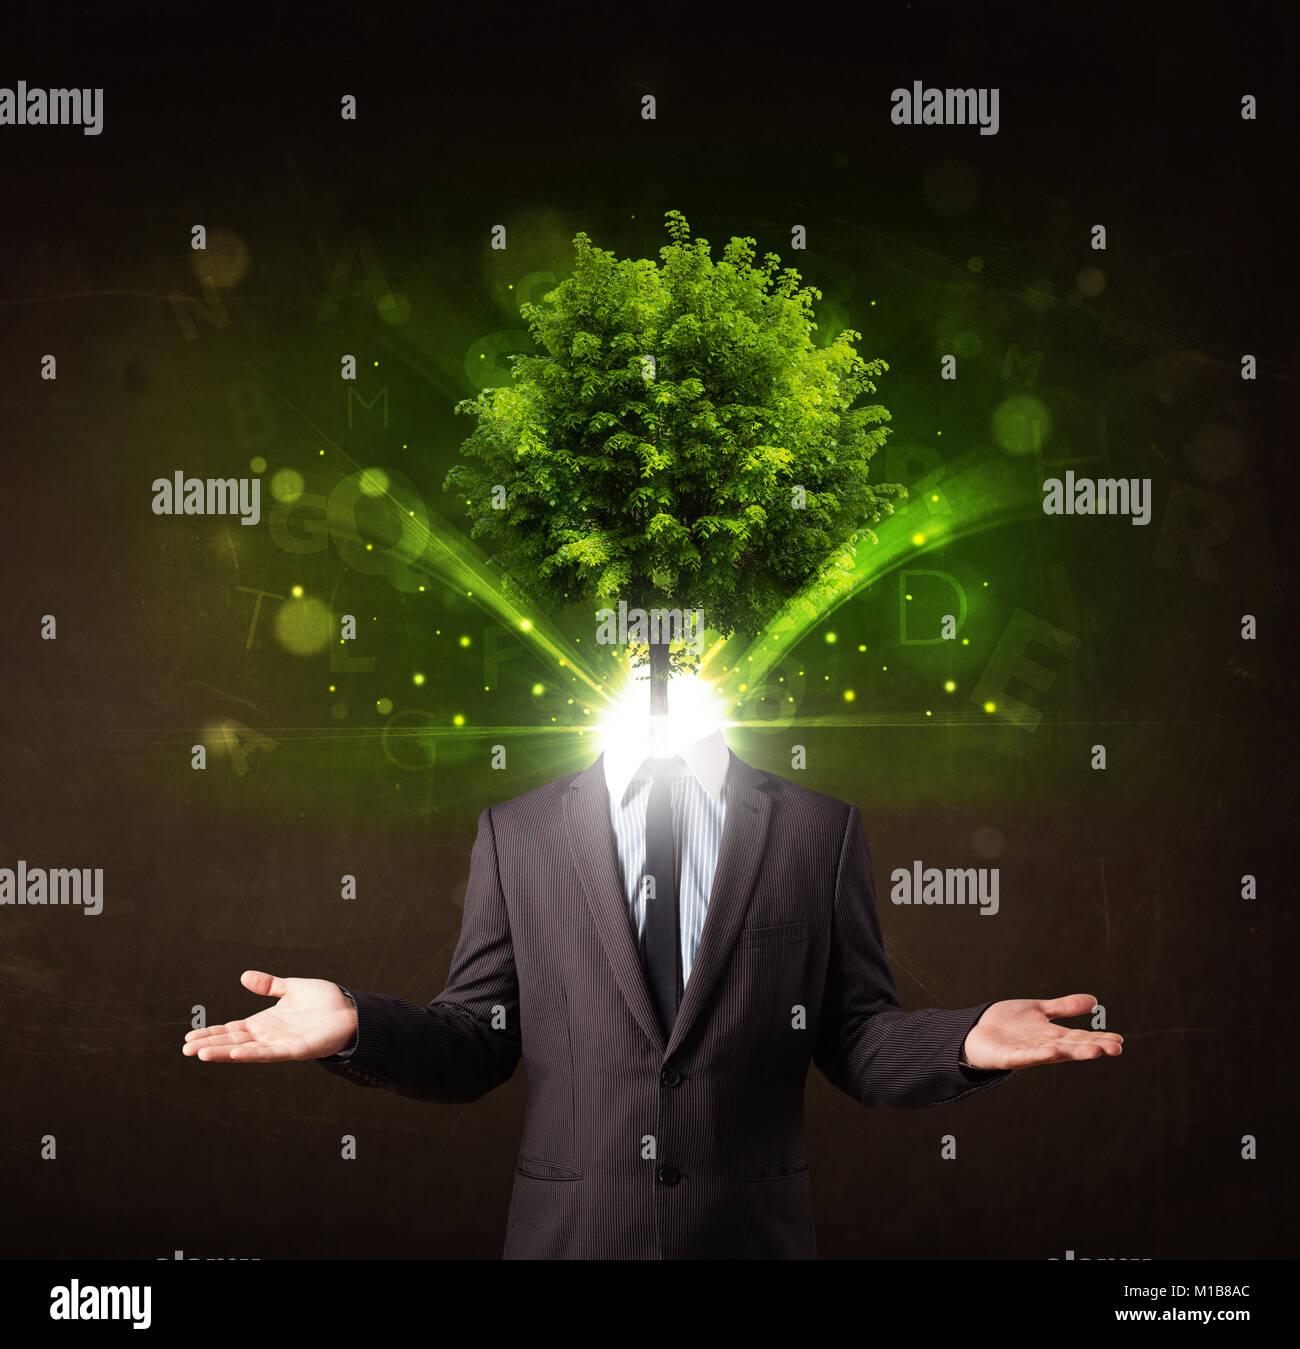 Hombre con cabeza de árbol verde concepto sobre fondo marrón Imagen De Stock